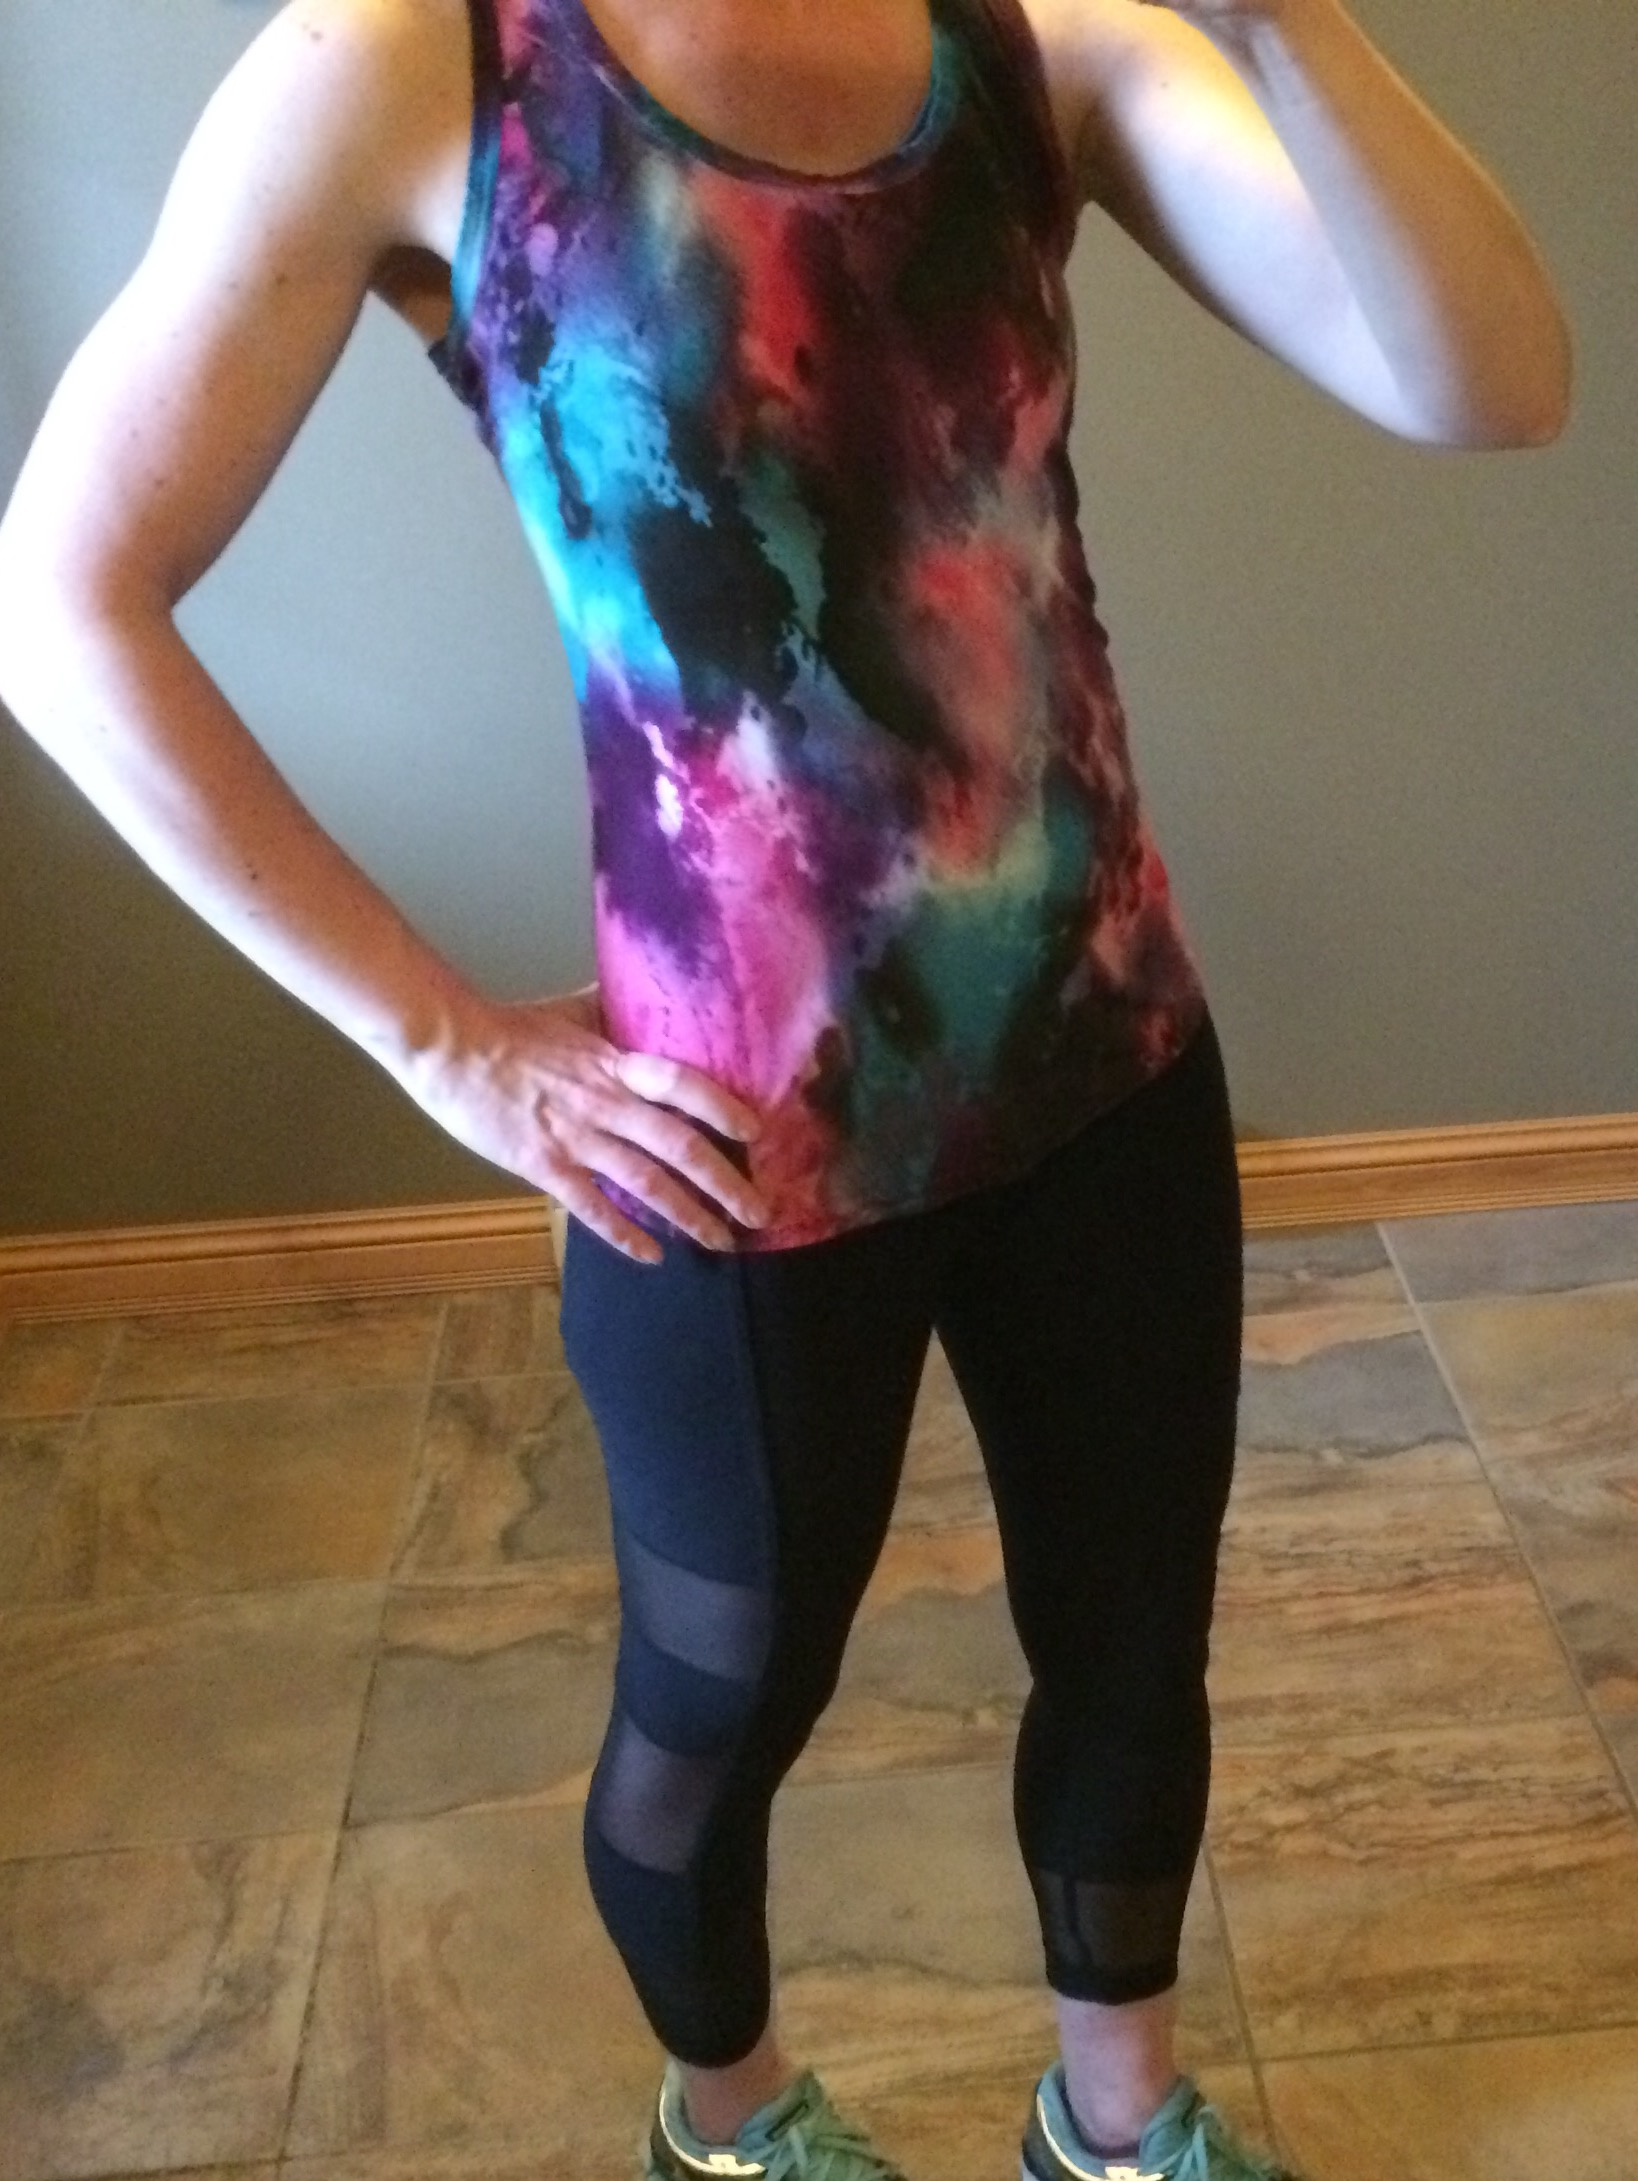 vêtement de sport faits au Québec-compagnies québécoises-vêtement d'entrainement-look-mode-APRT créations-moog Activewar-Iconik Sport-La foulée d'après-Je suis une maman